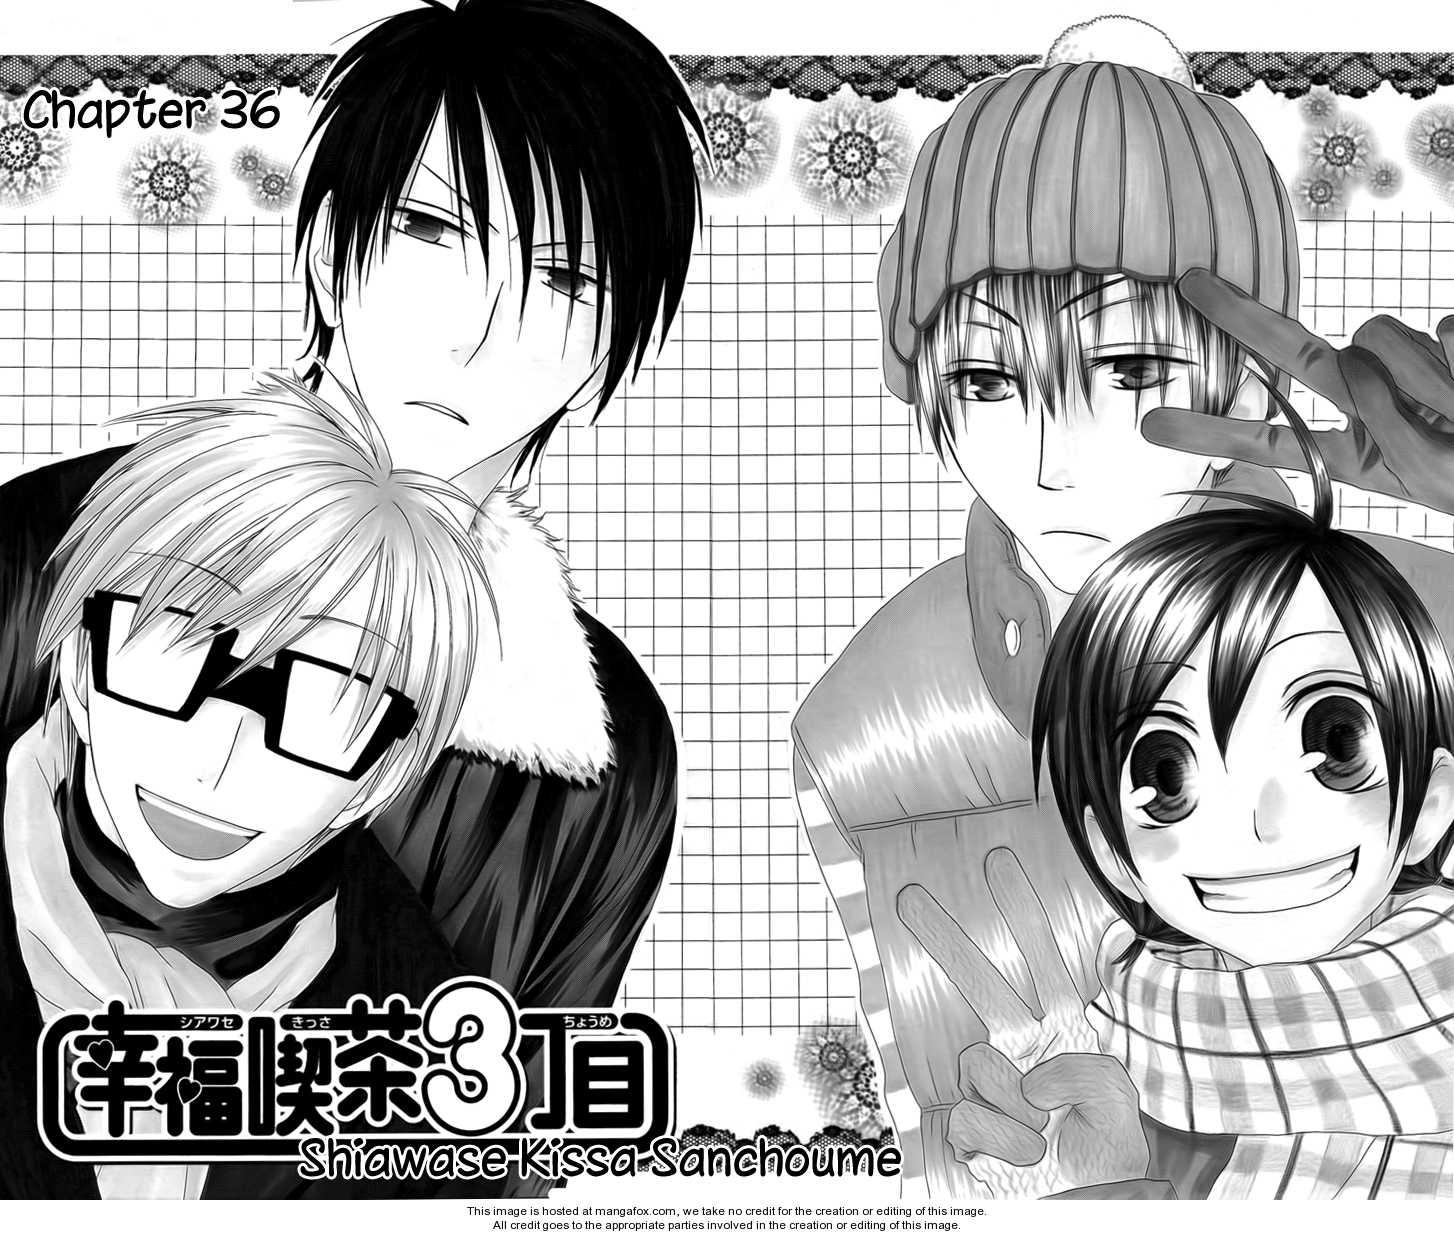 Shiawase Kissa Sanchoume 36 Page 2